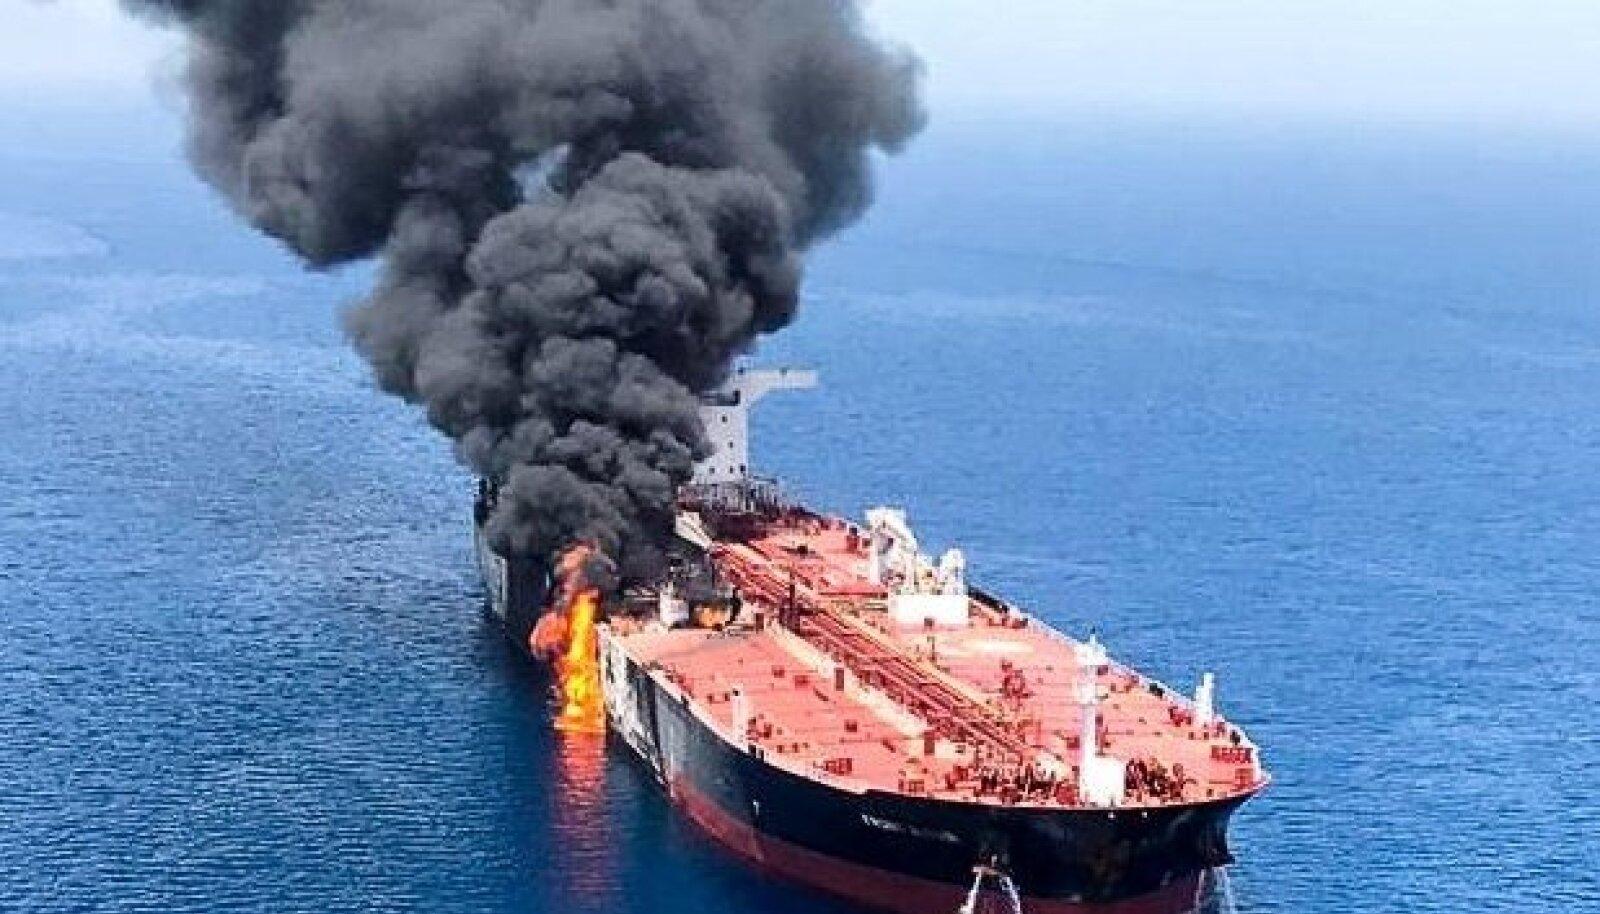 Üks Omaani lahel plahvatuse läbi teinud tanker